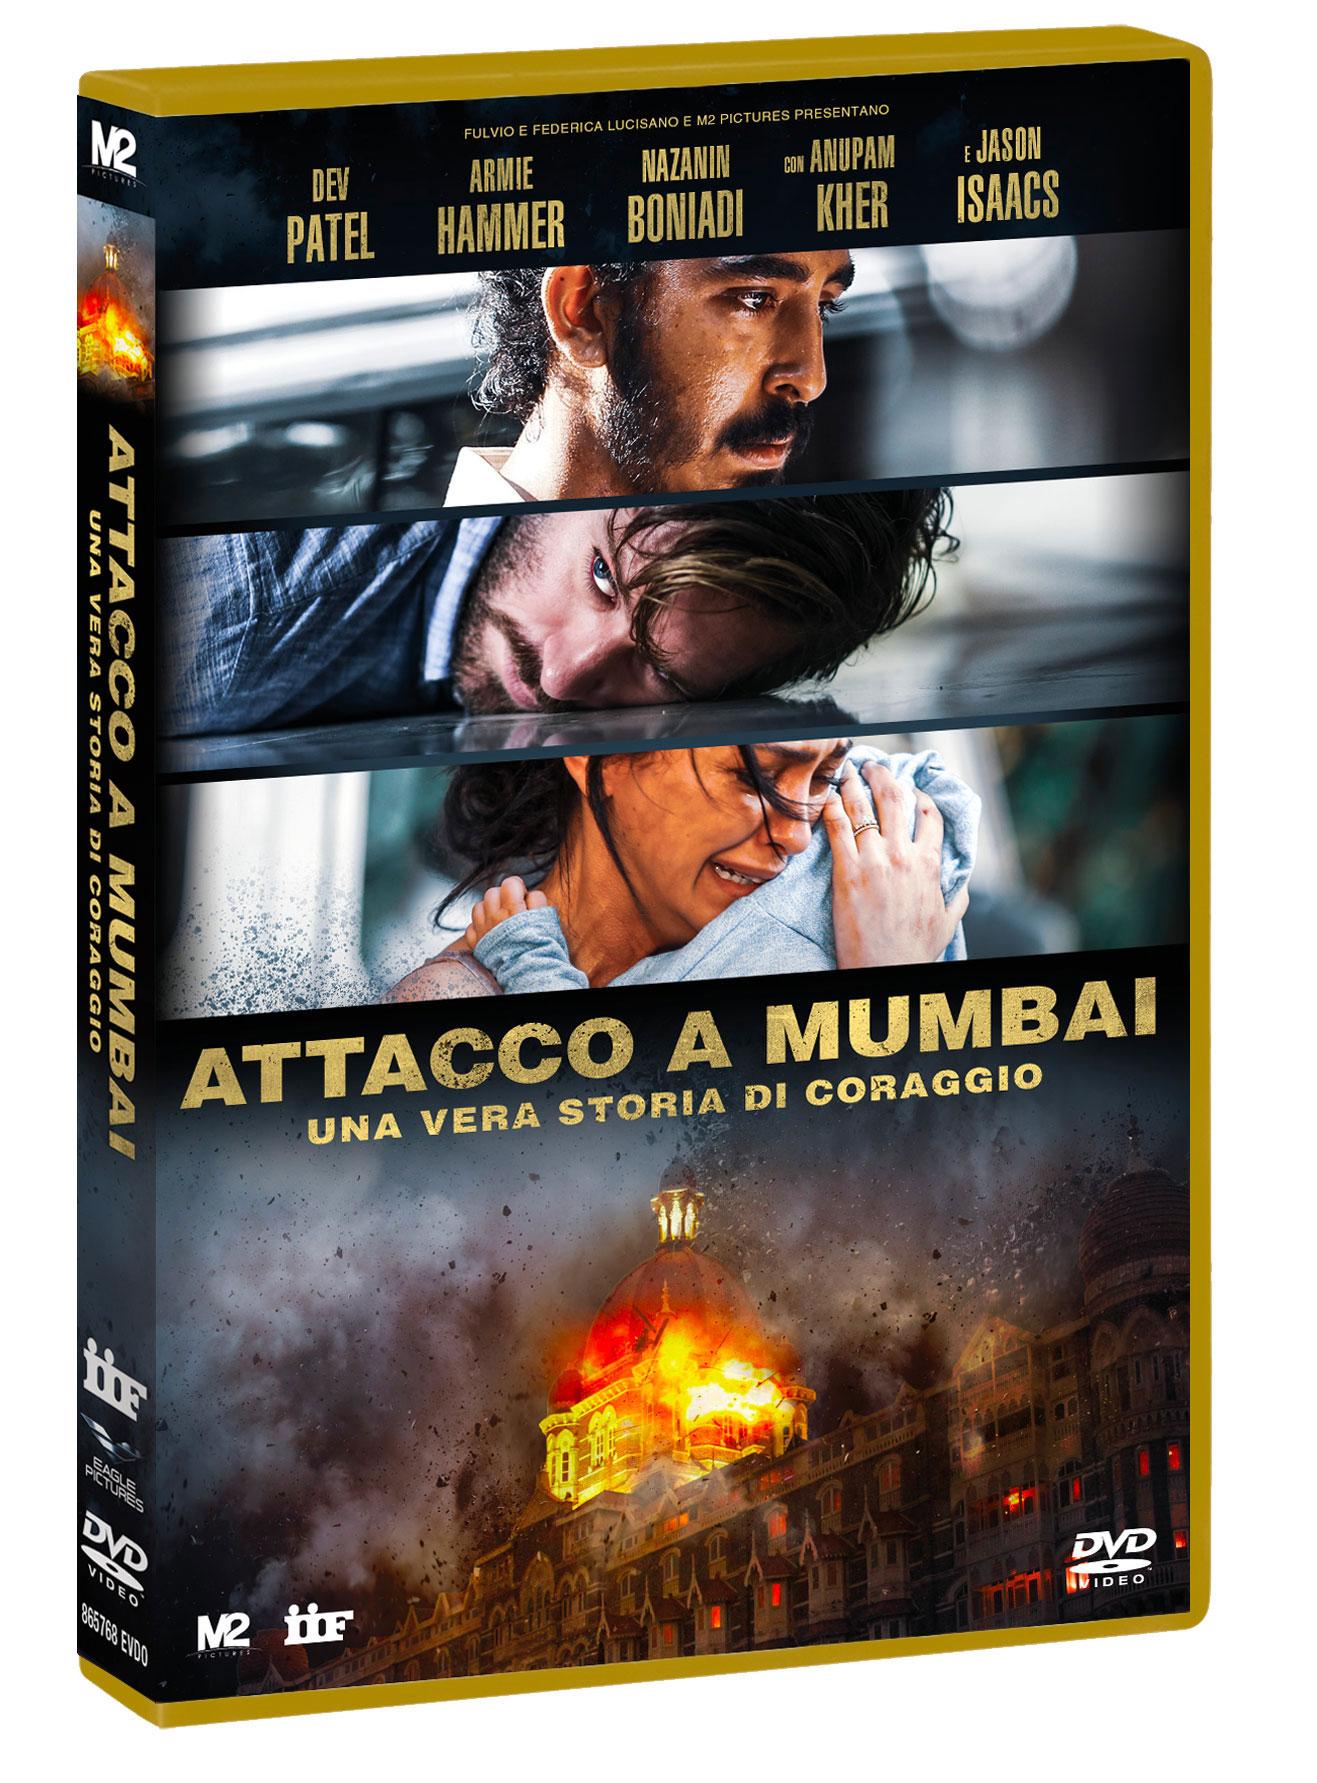 ATTACCO A MUMBAI - UNA VERA STORIA DI CORAGGIO (DVD)